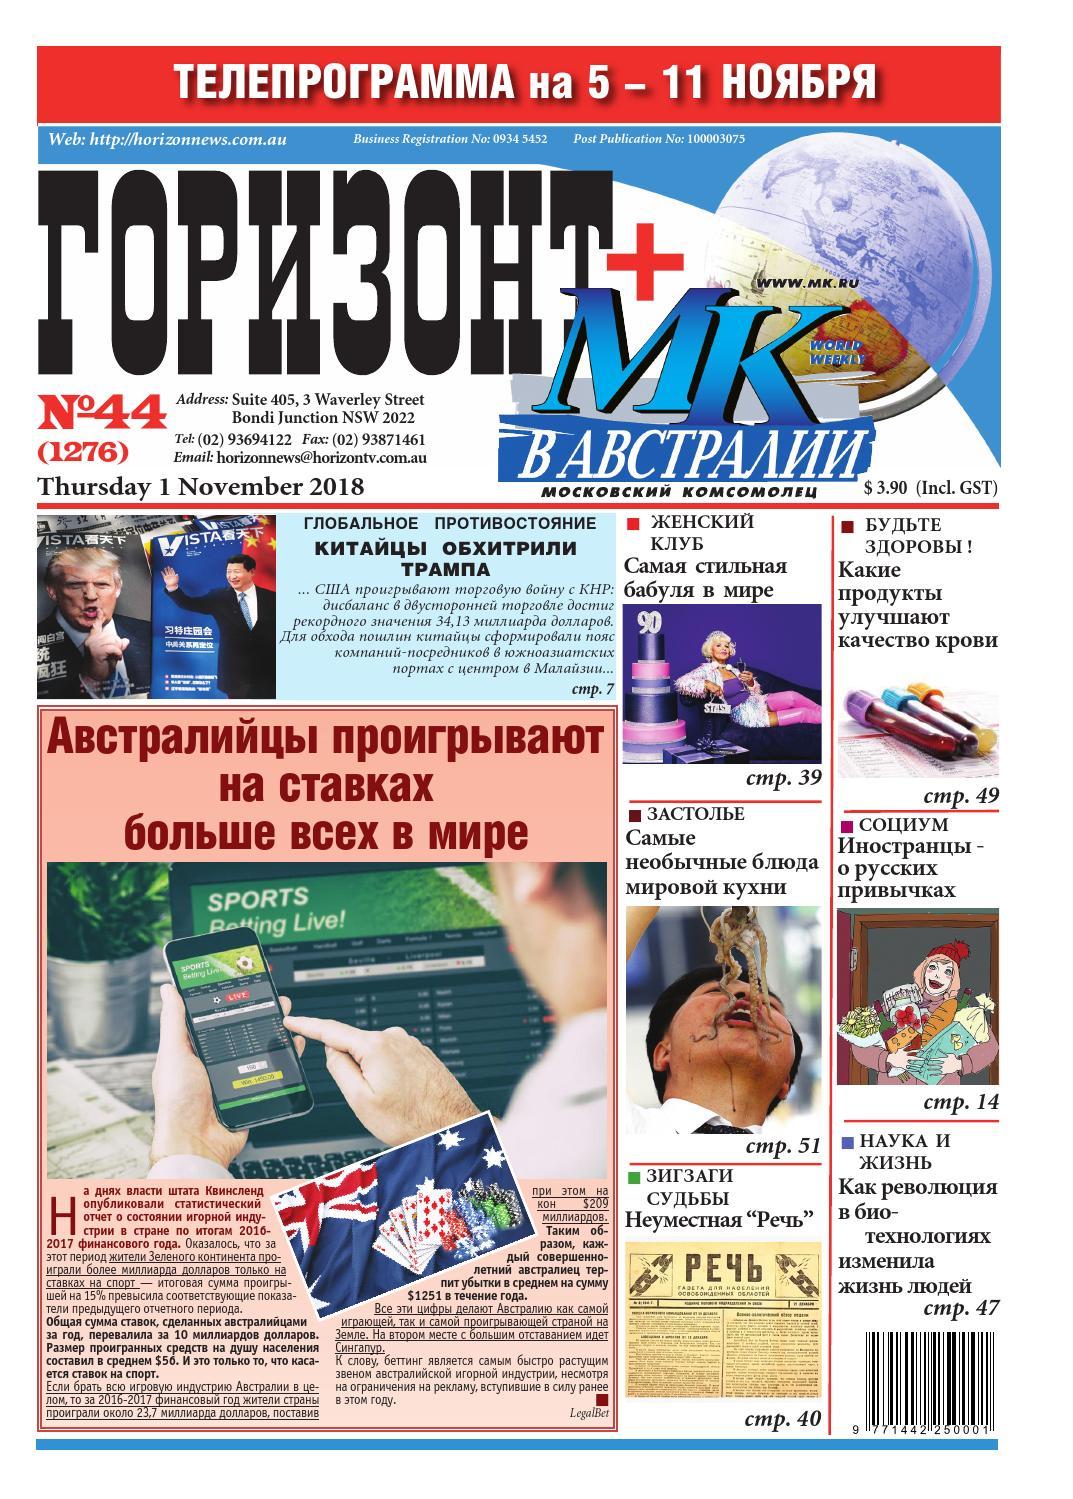 podoshel-v-metro-s-zadi-muzhik-i-ottrahal-rukoy-video-sladkaya-snoshenie-zhenshini